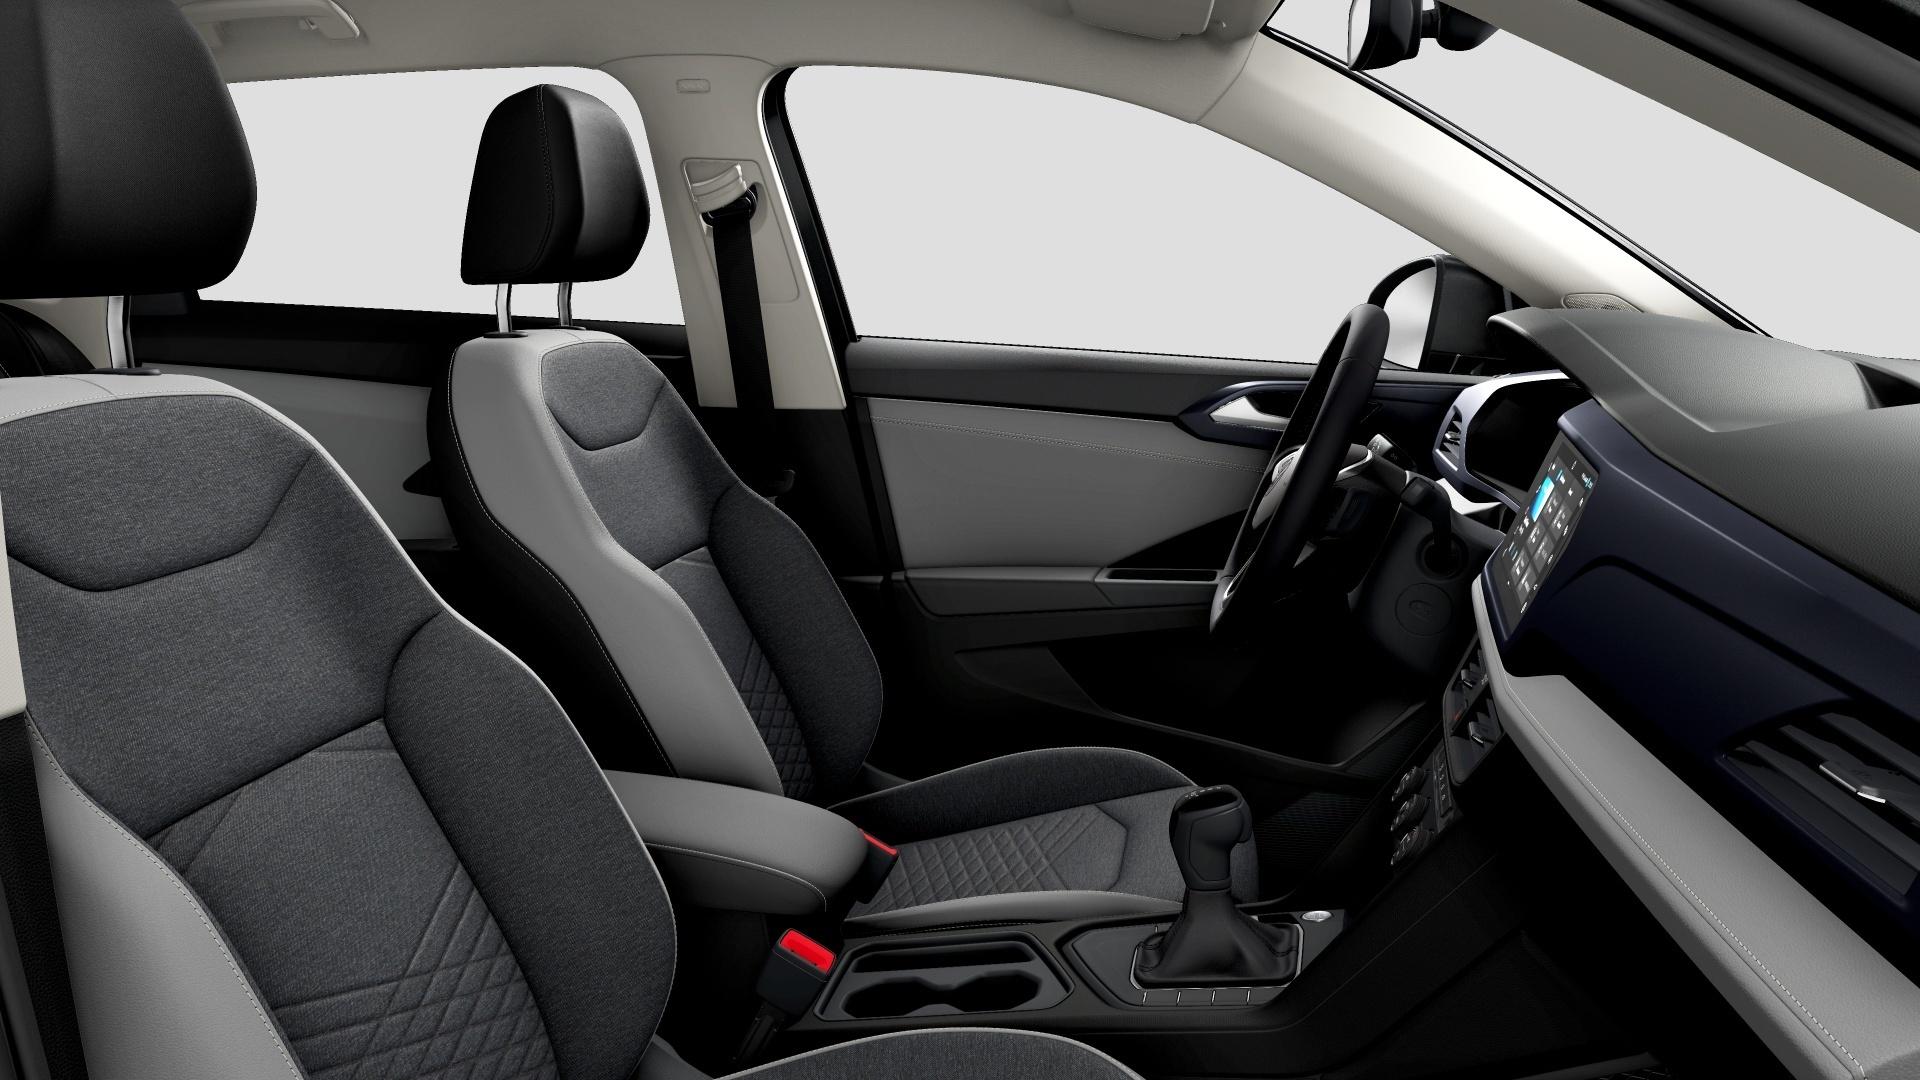 Volkswagen Taos Comfortline bancos de série